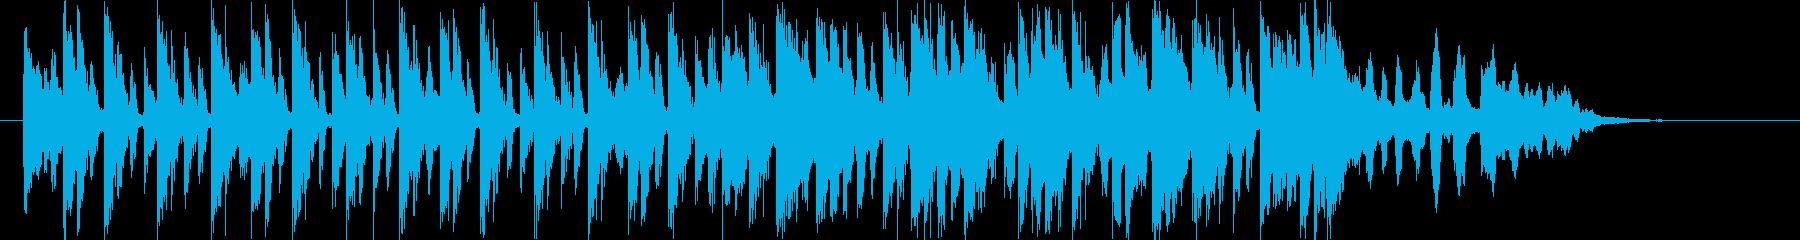 おしゃれなテクノポップスの再生済みの波形